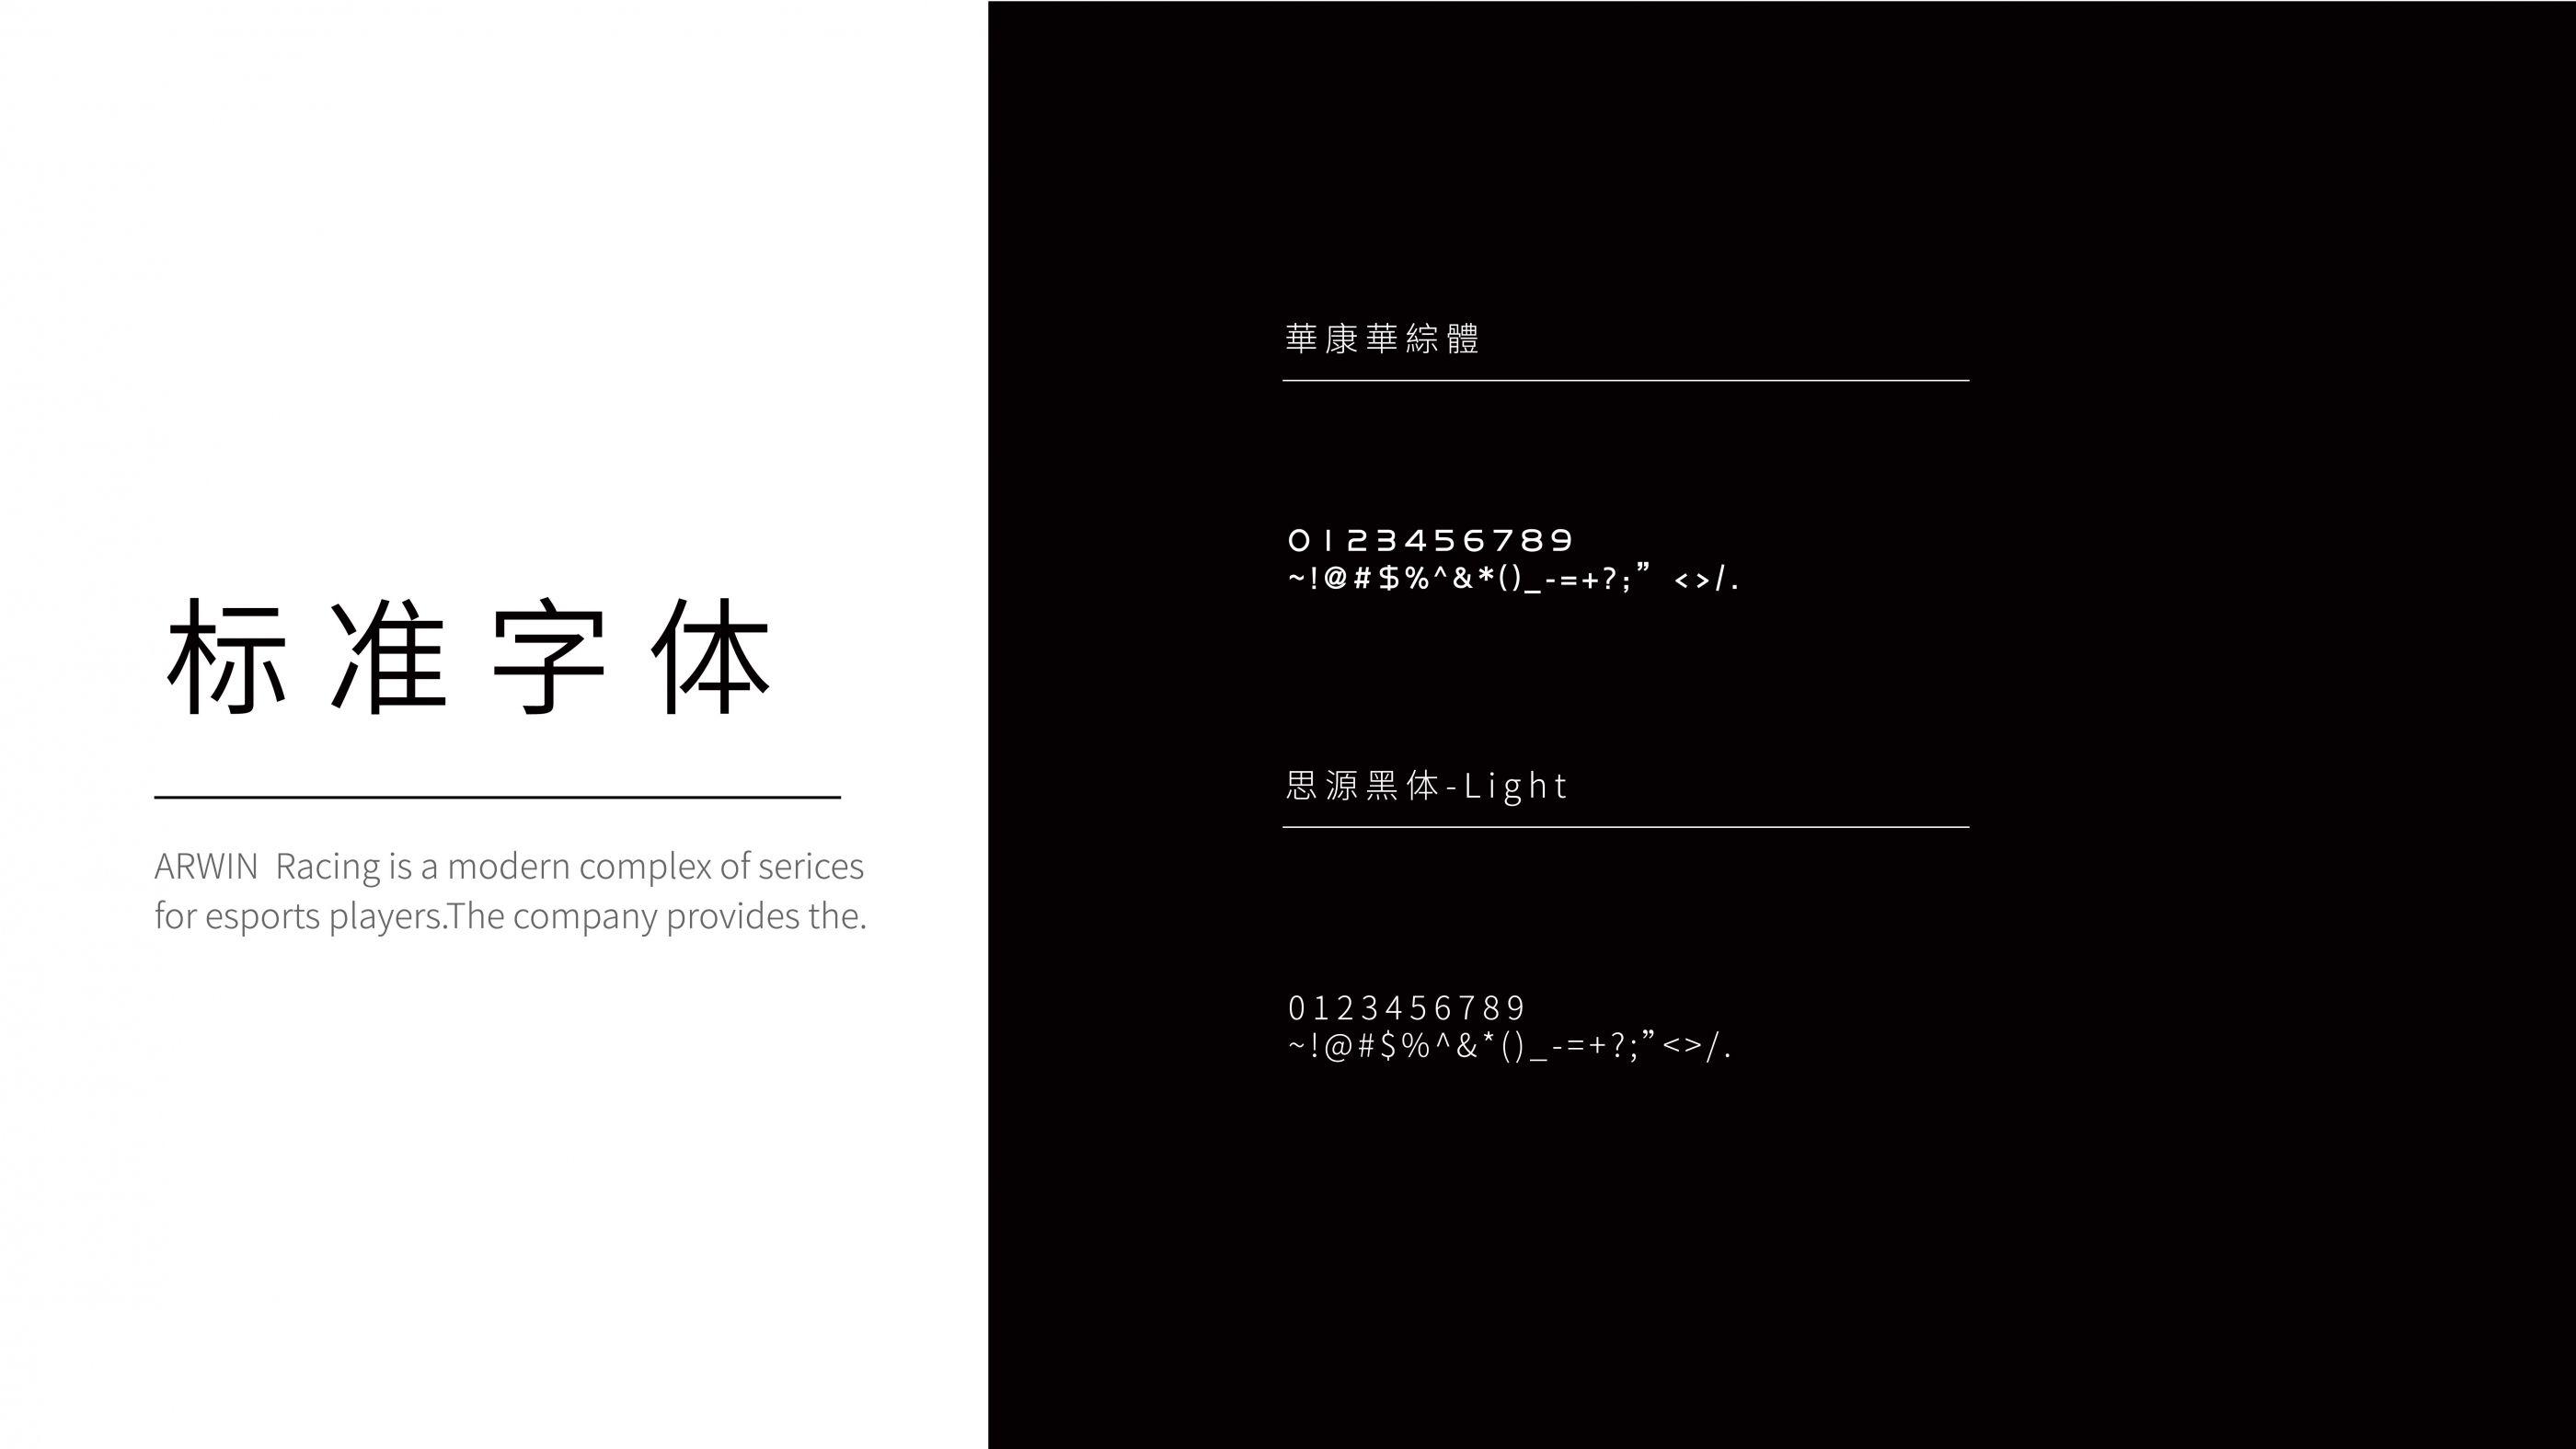 爱雯汽车高端生活馆品牌升级设计 飞特网 原创VI设计